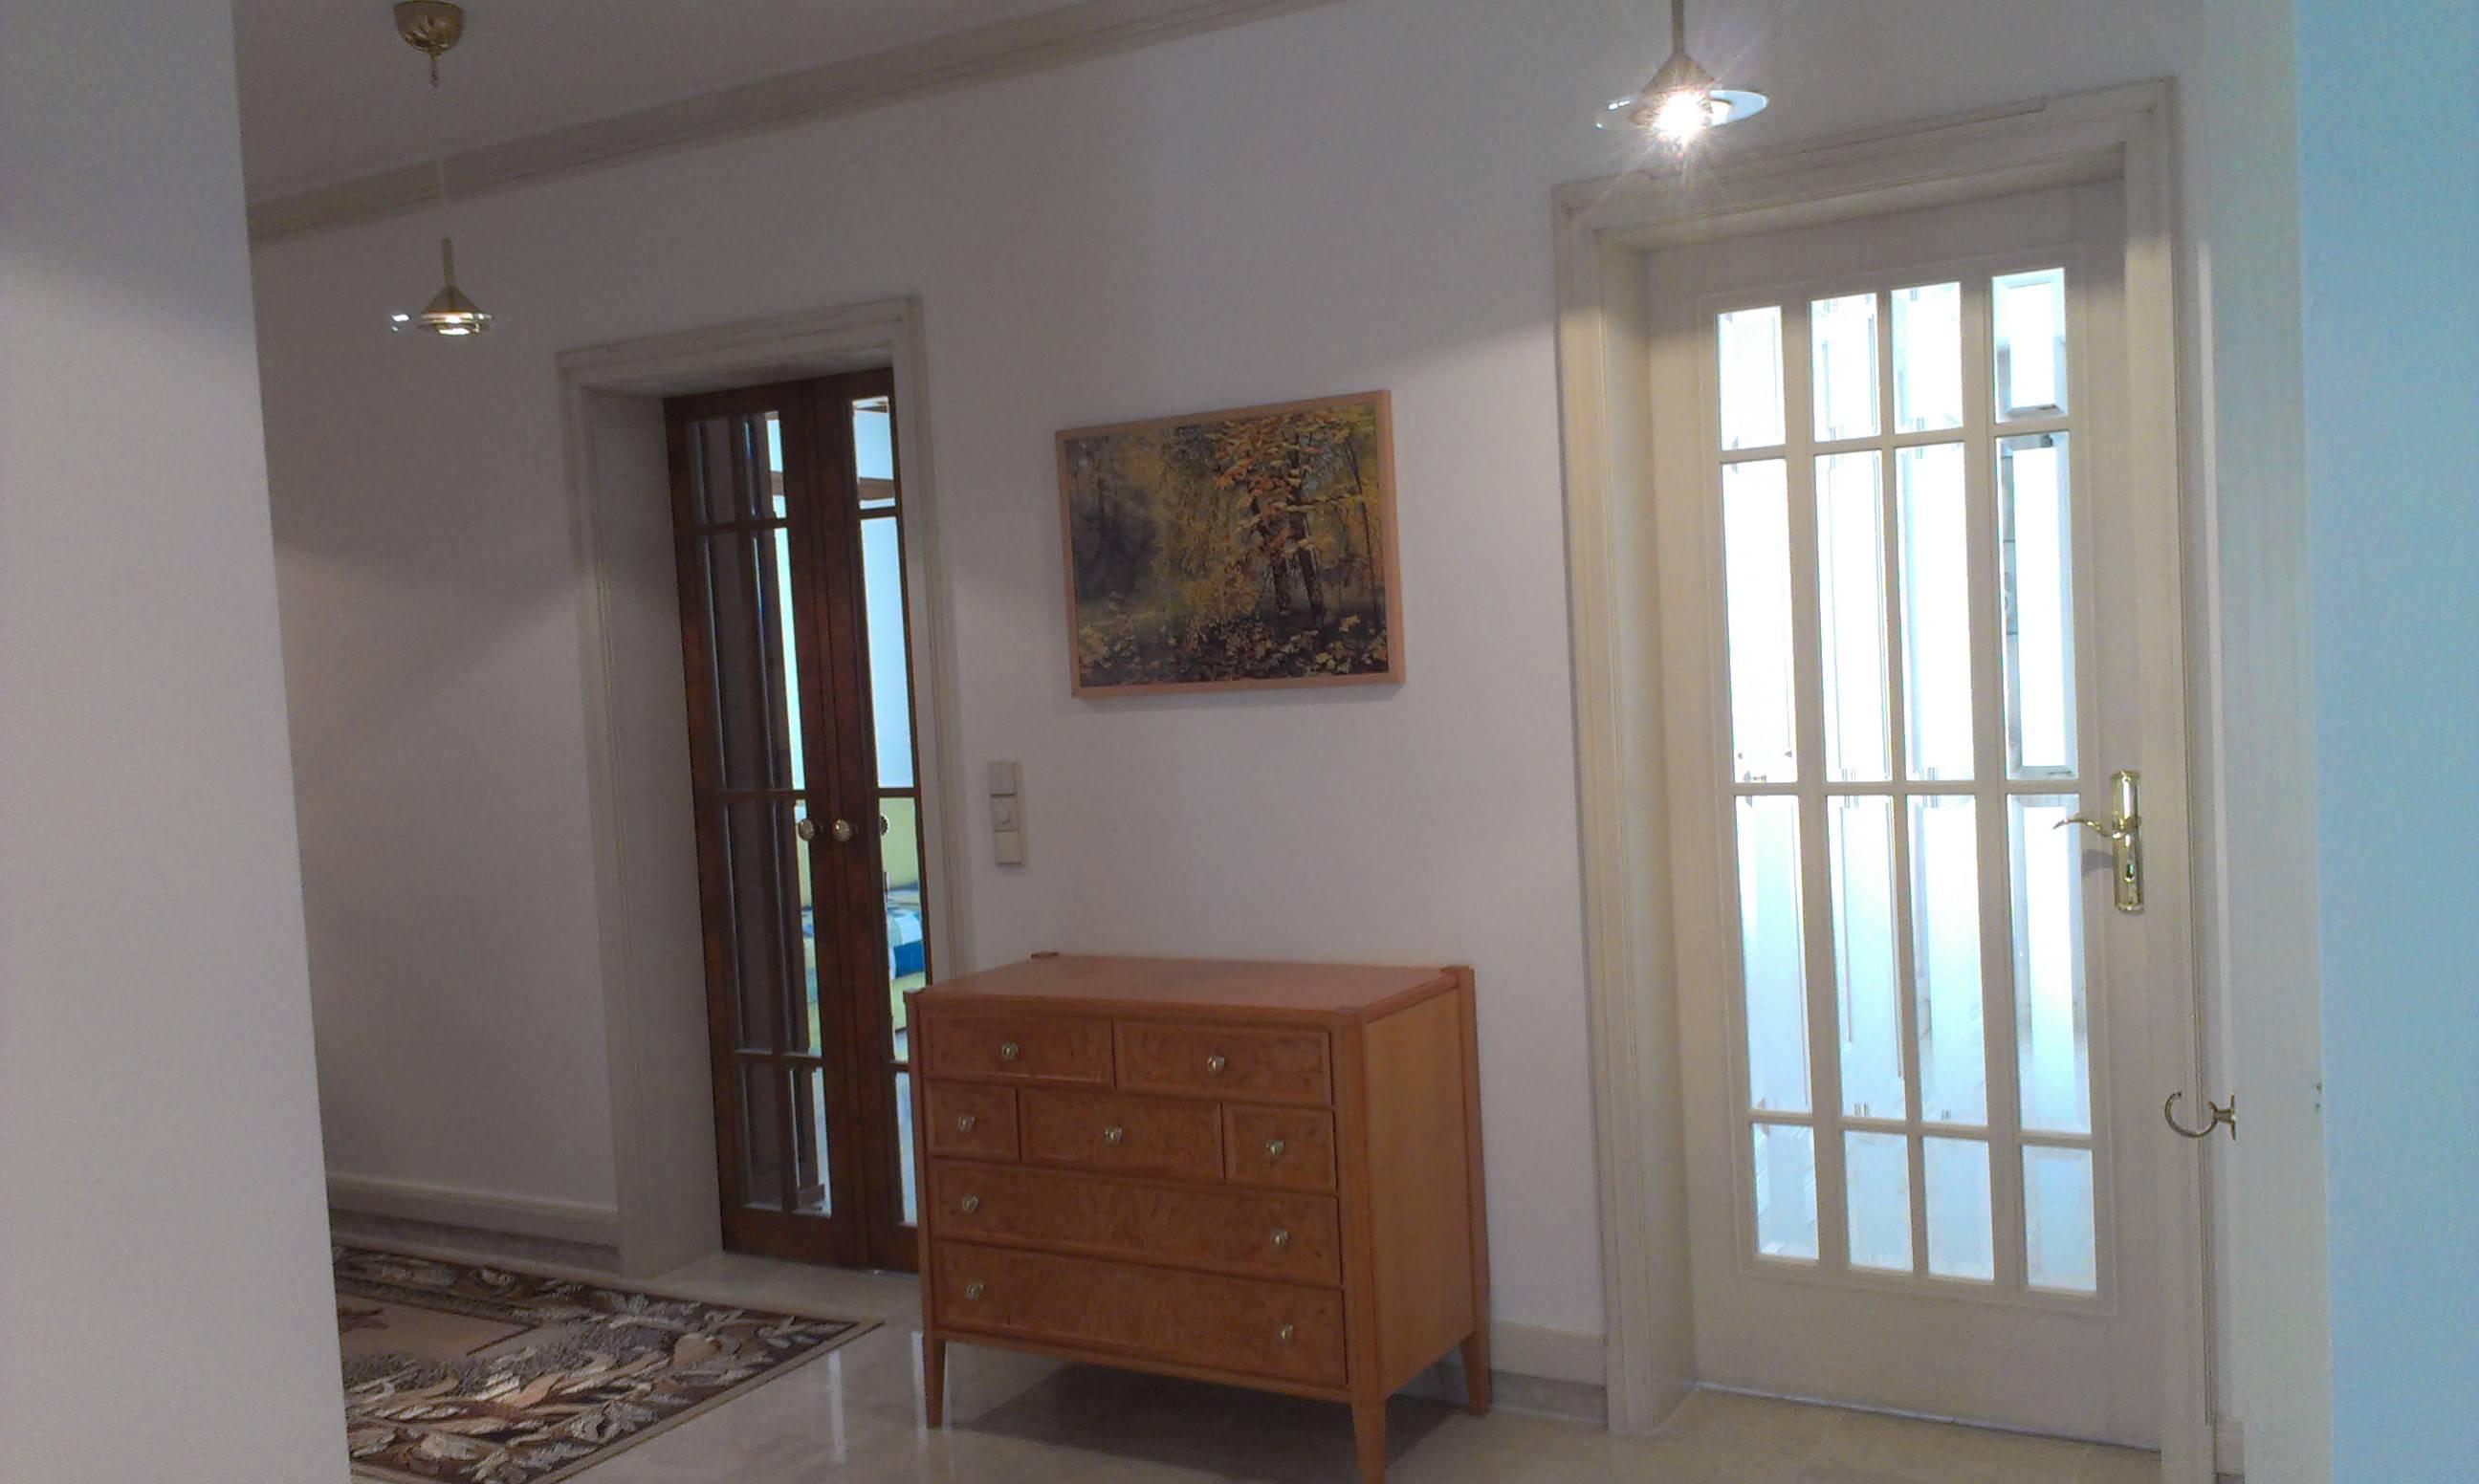 Фото №4 квартиры в Аугсбург за 650.000 евро евро